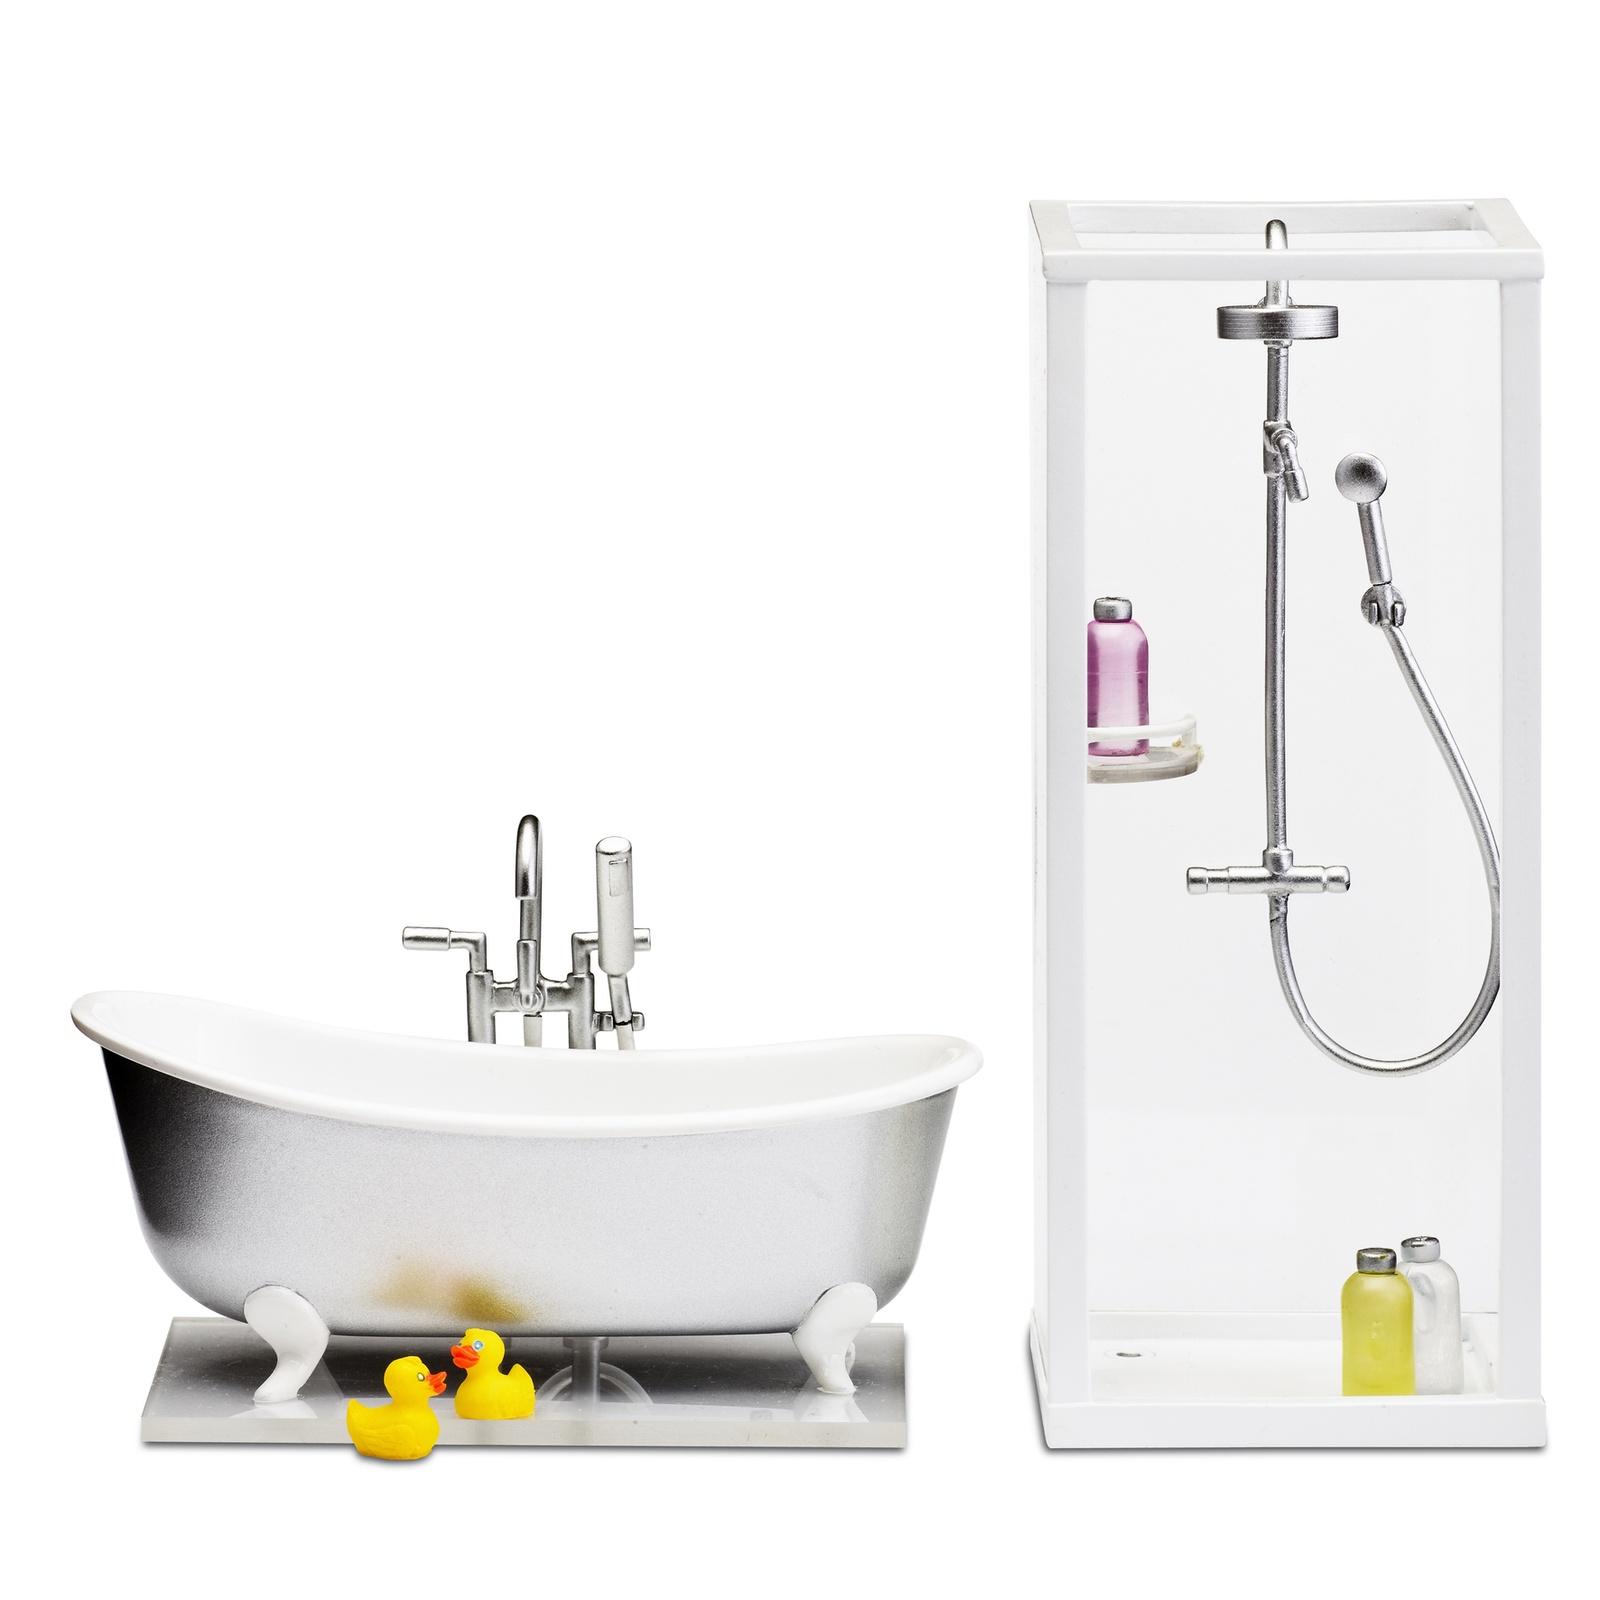 Фото - Мебель для домика Lundby Смоланд, ванная и душевая аксессуары для домика lundby смоланд игрушки для детской